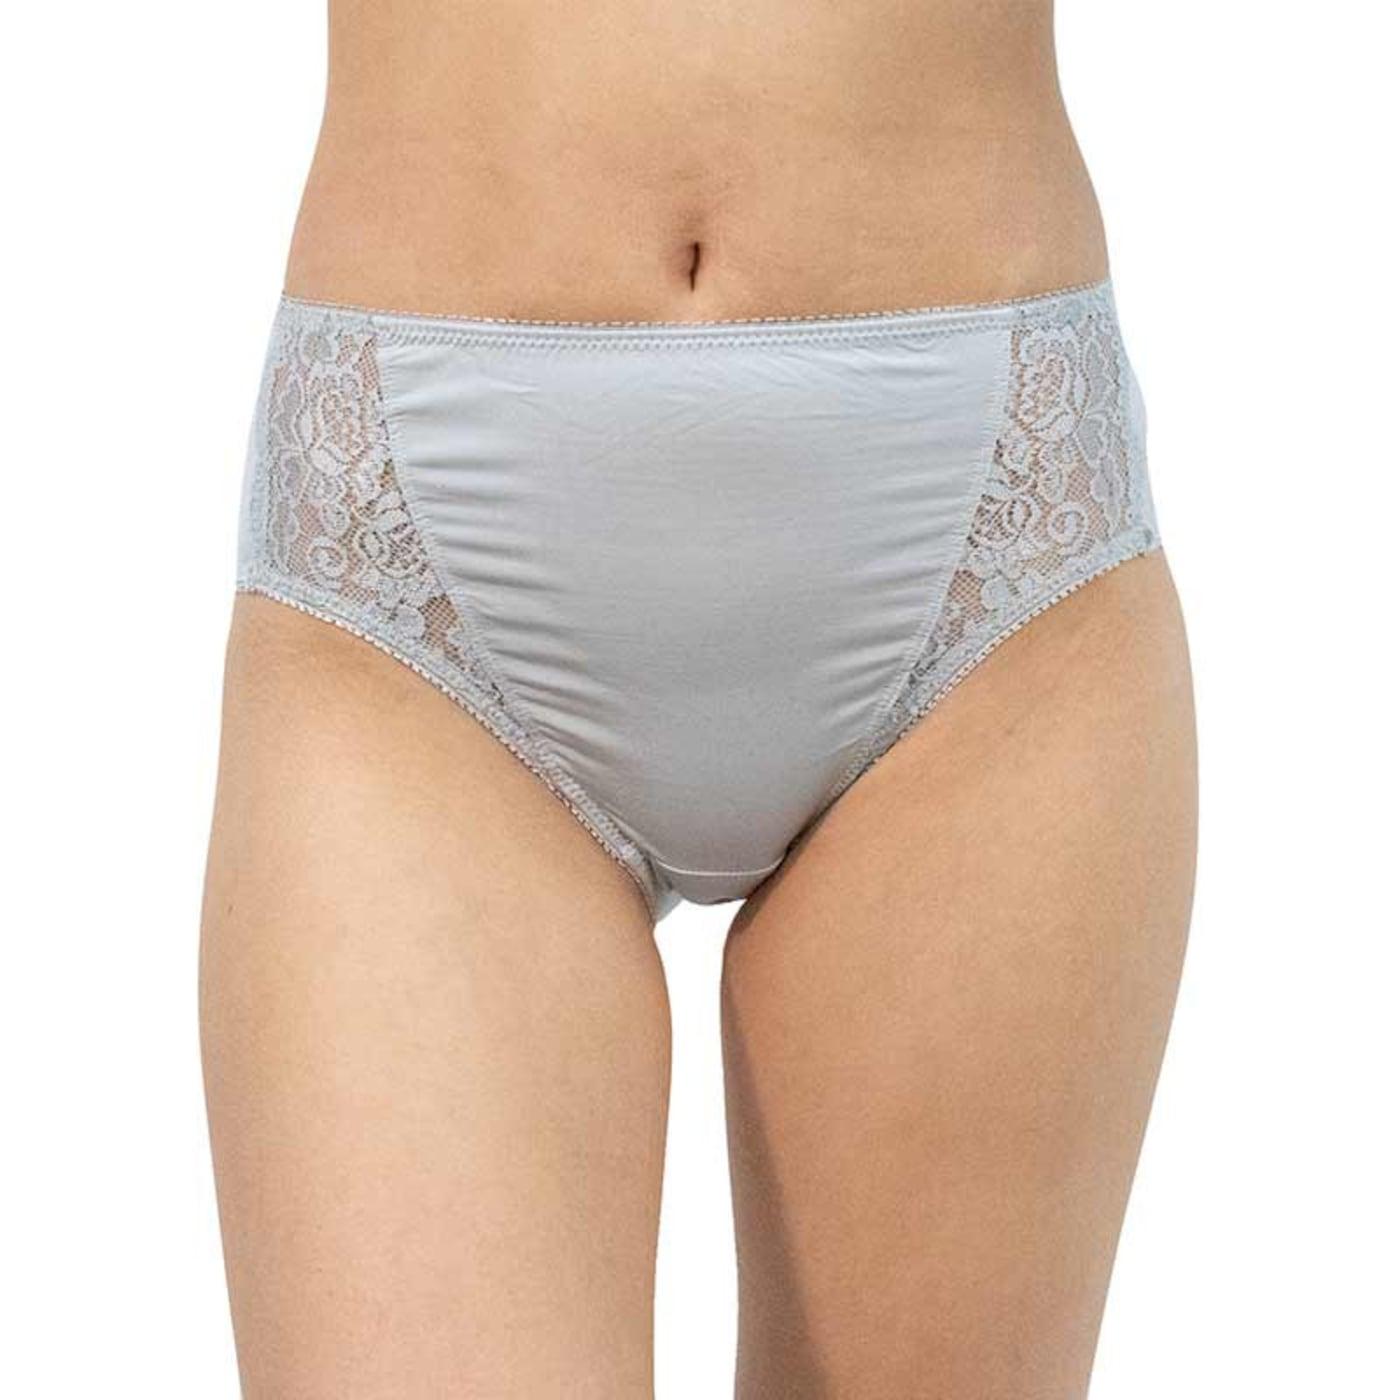 Women's panties Gina gray with lace  dámské Neurčeno L